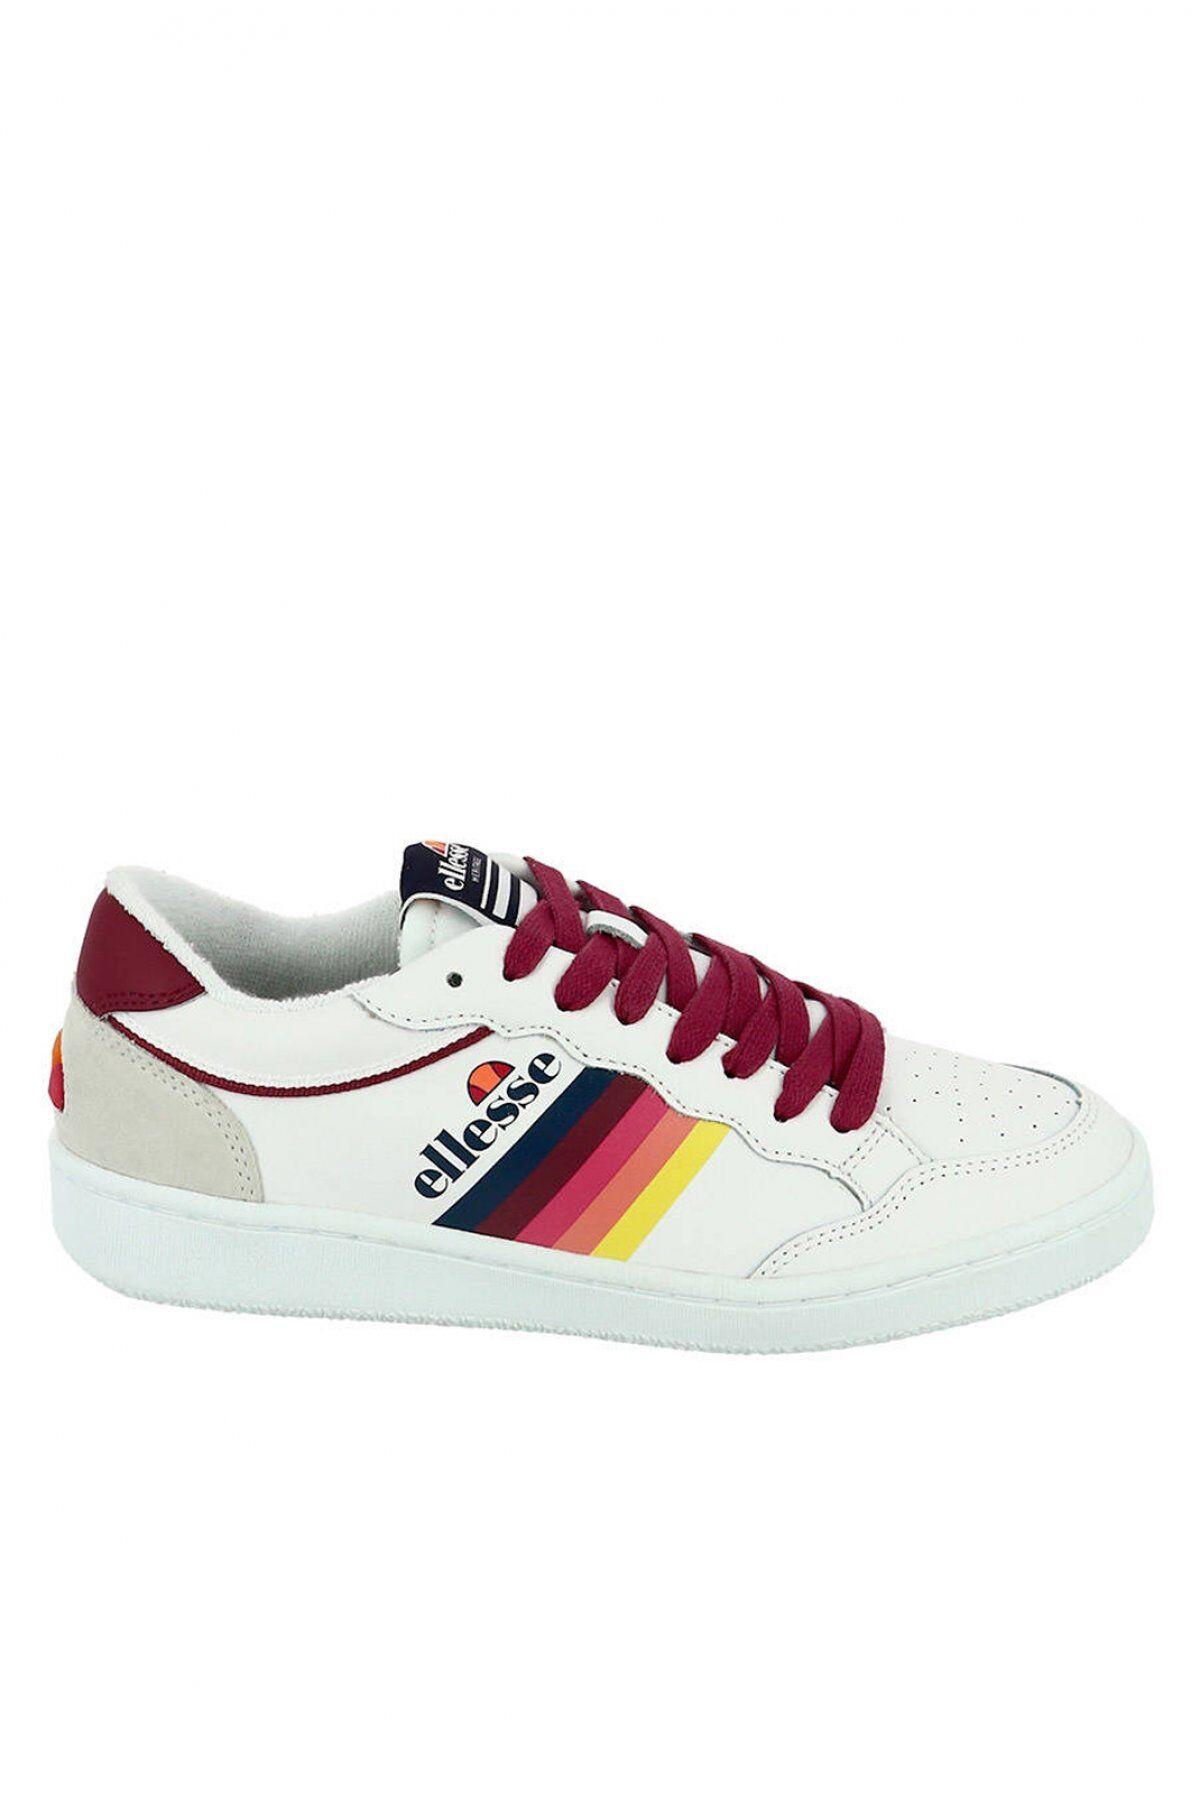 Ellesse Sneakers Cuir  -  Ellesse